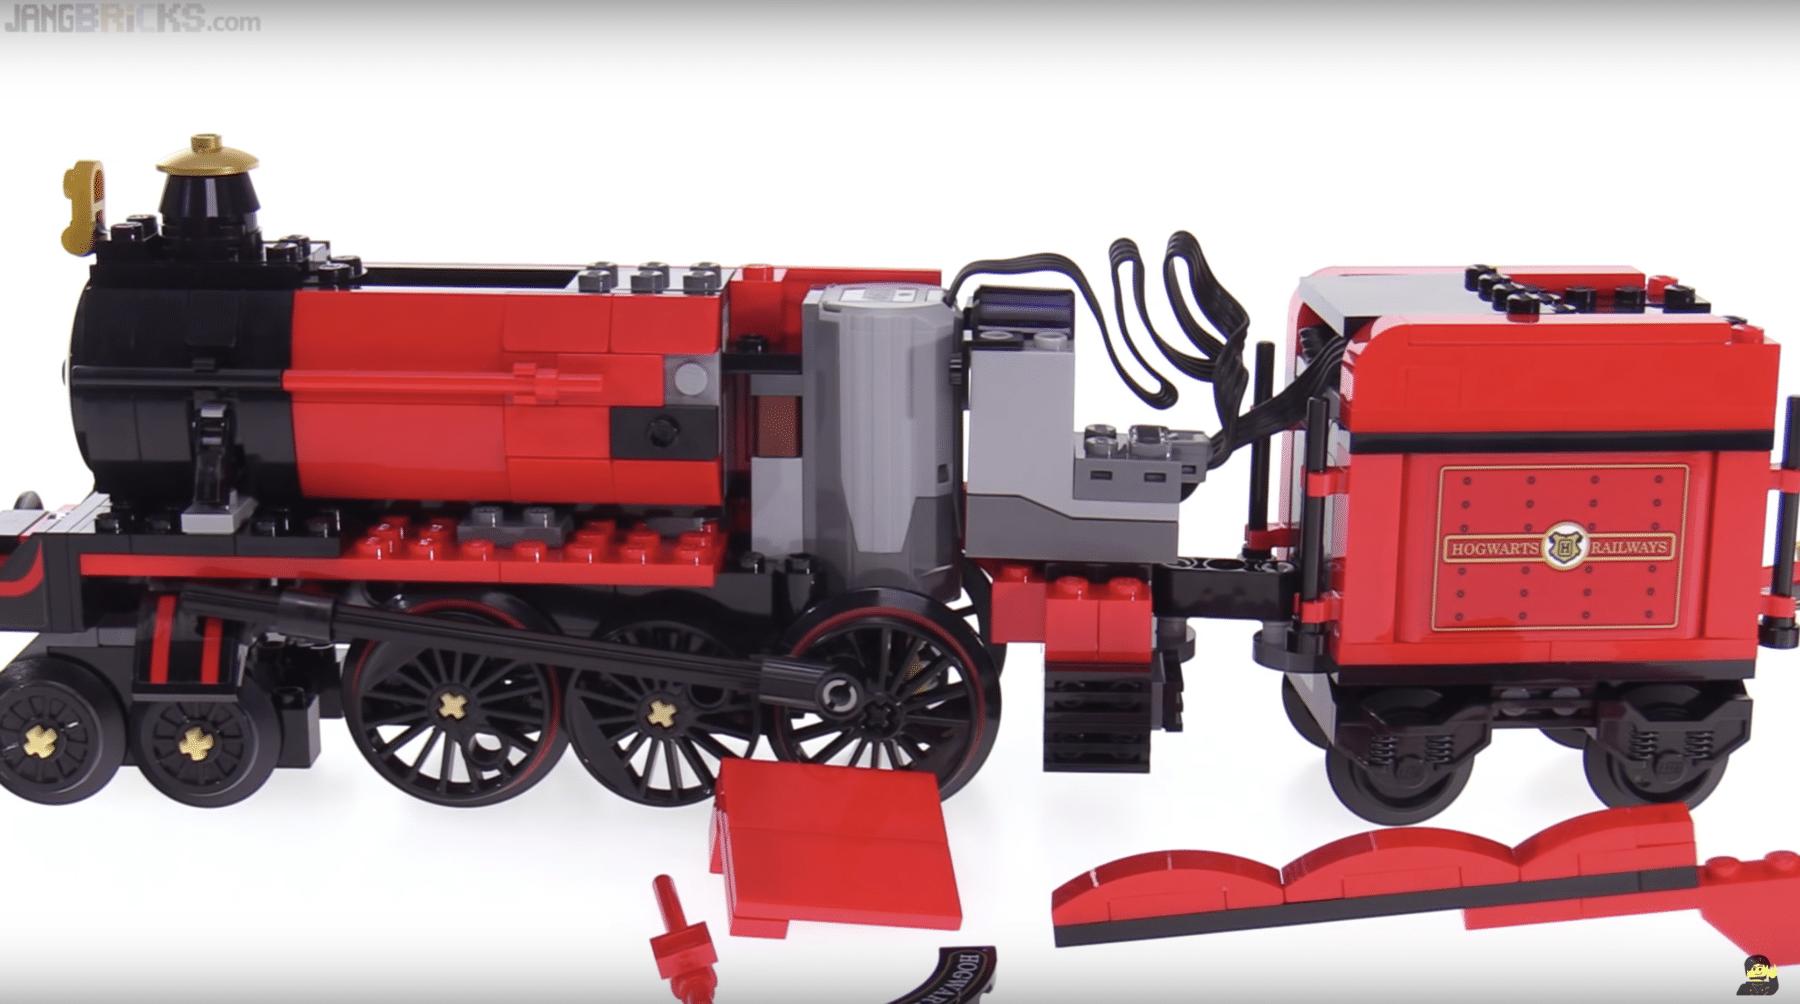 Lego 75955 Hogwarts Express Motorisieren Jangbricks Zeigt Losungen Lego Eisenbahn Lego Lego Zug